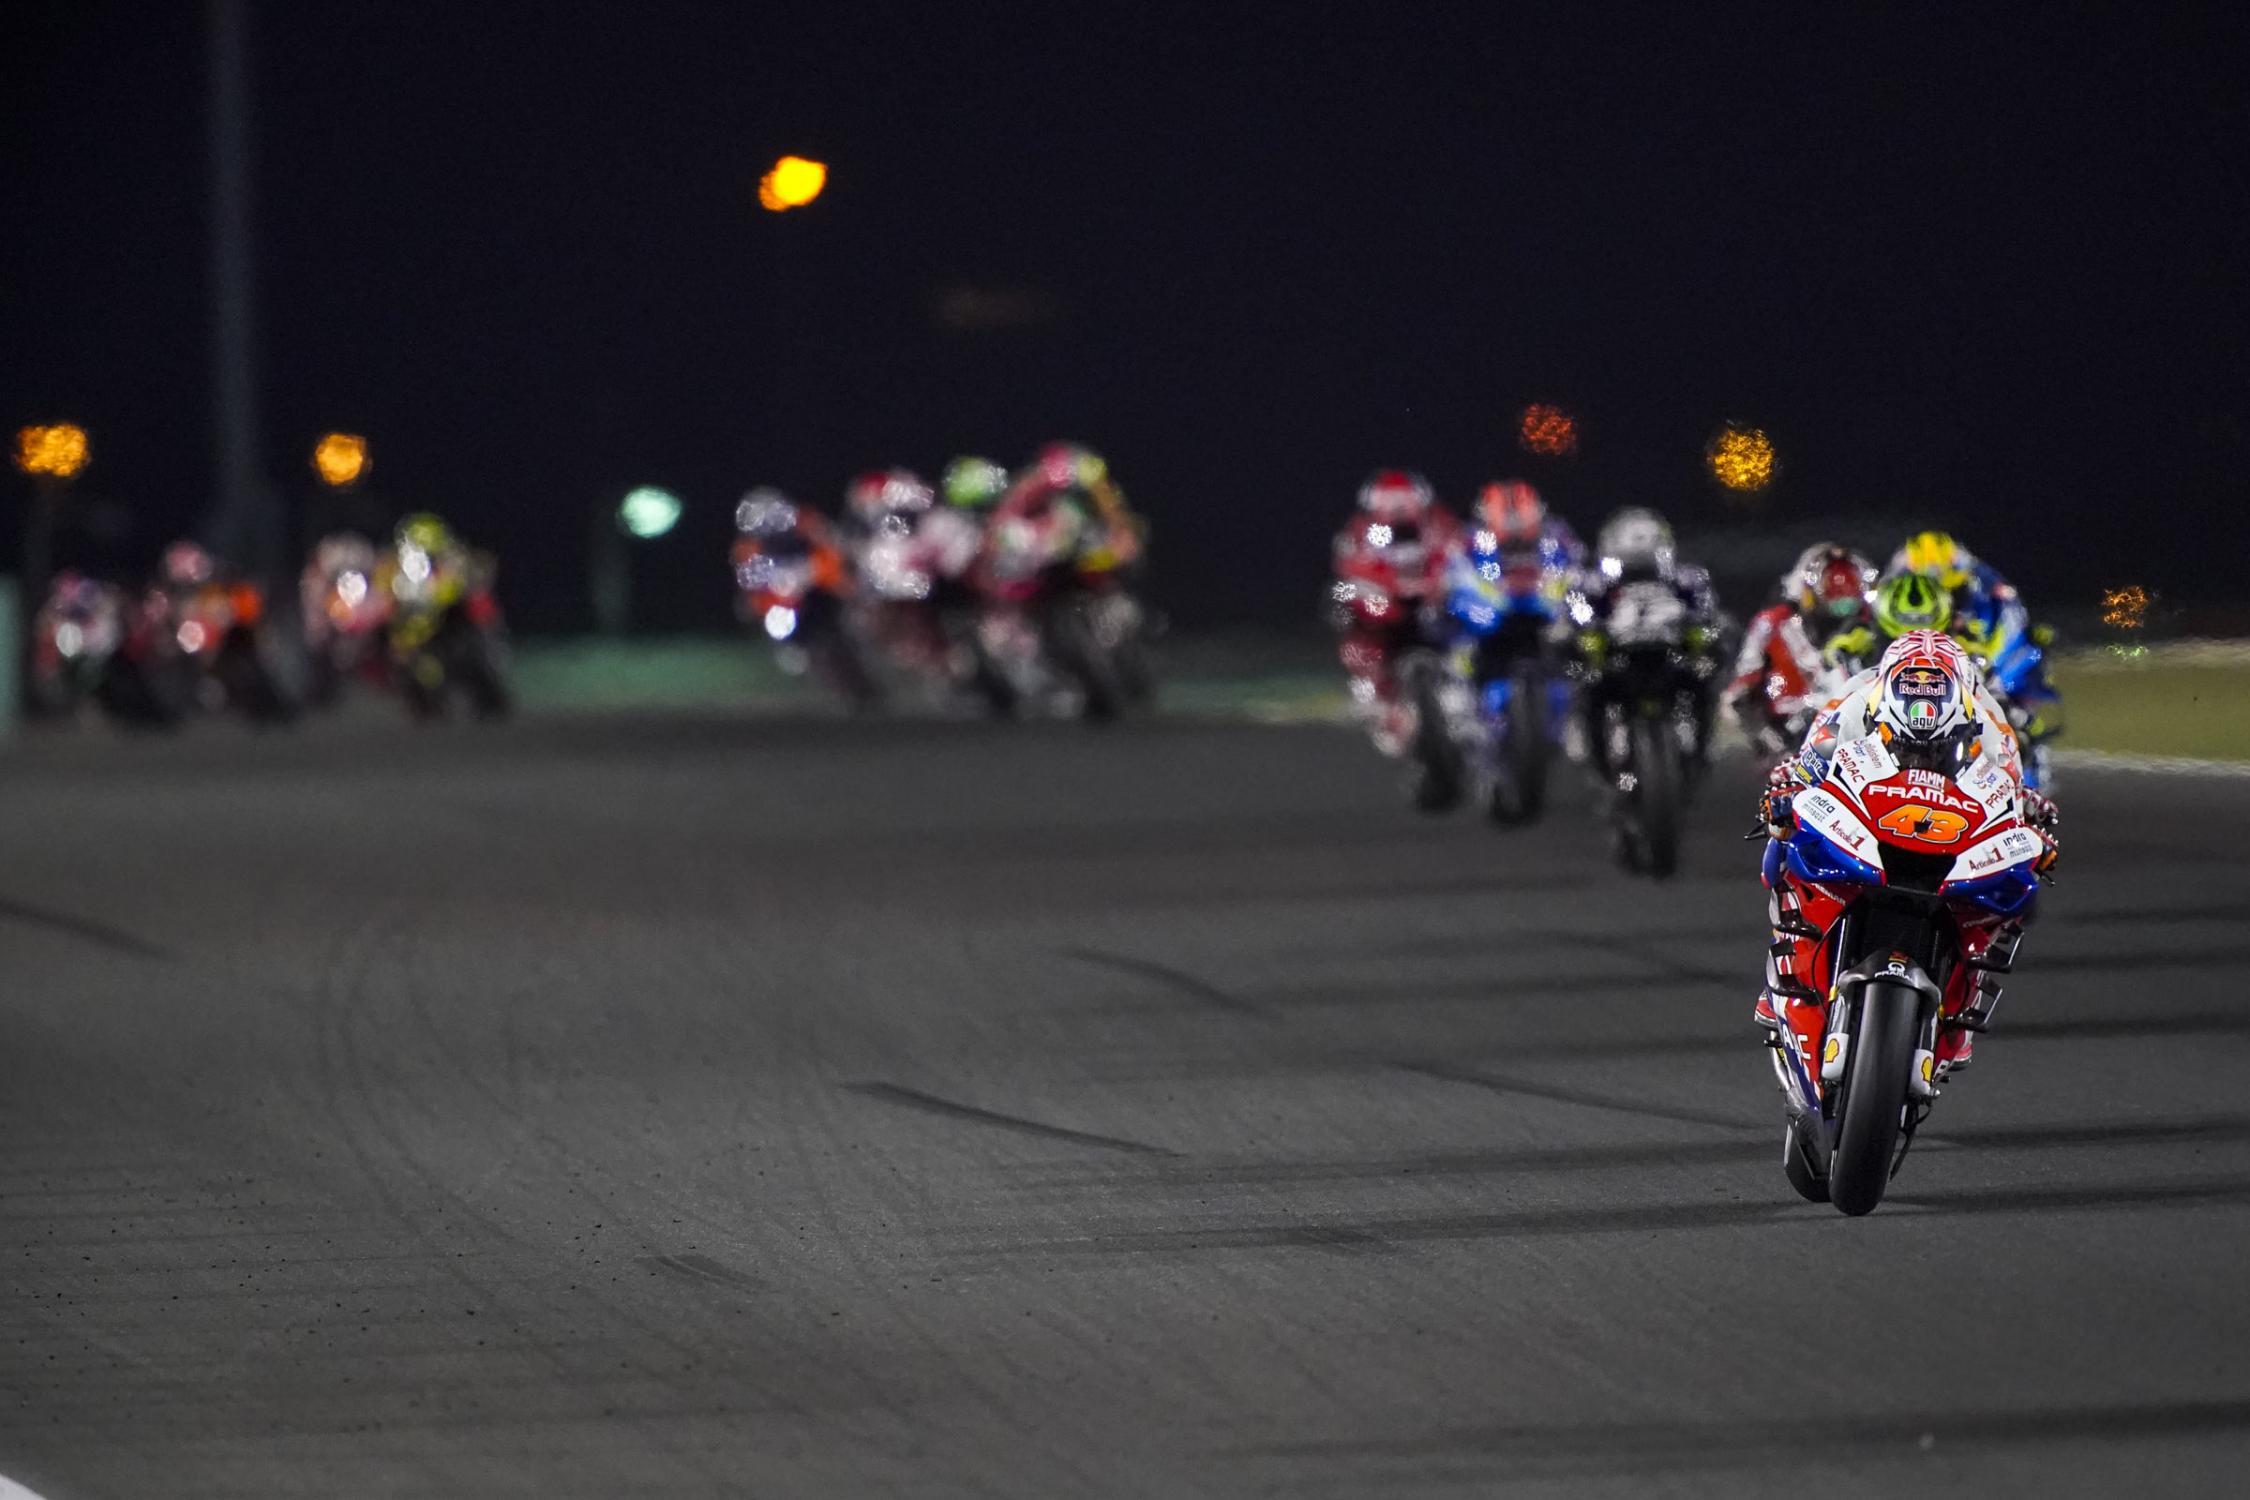 Le bar de la compétition moto ! - Page 38 _ax22496.gallery_full_top_fullscreen